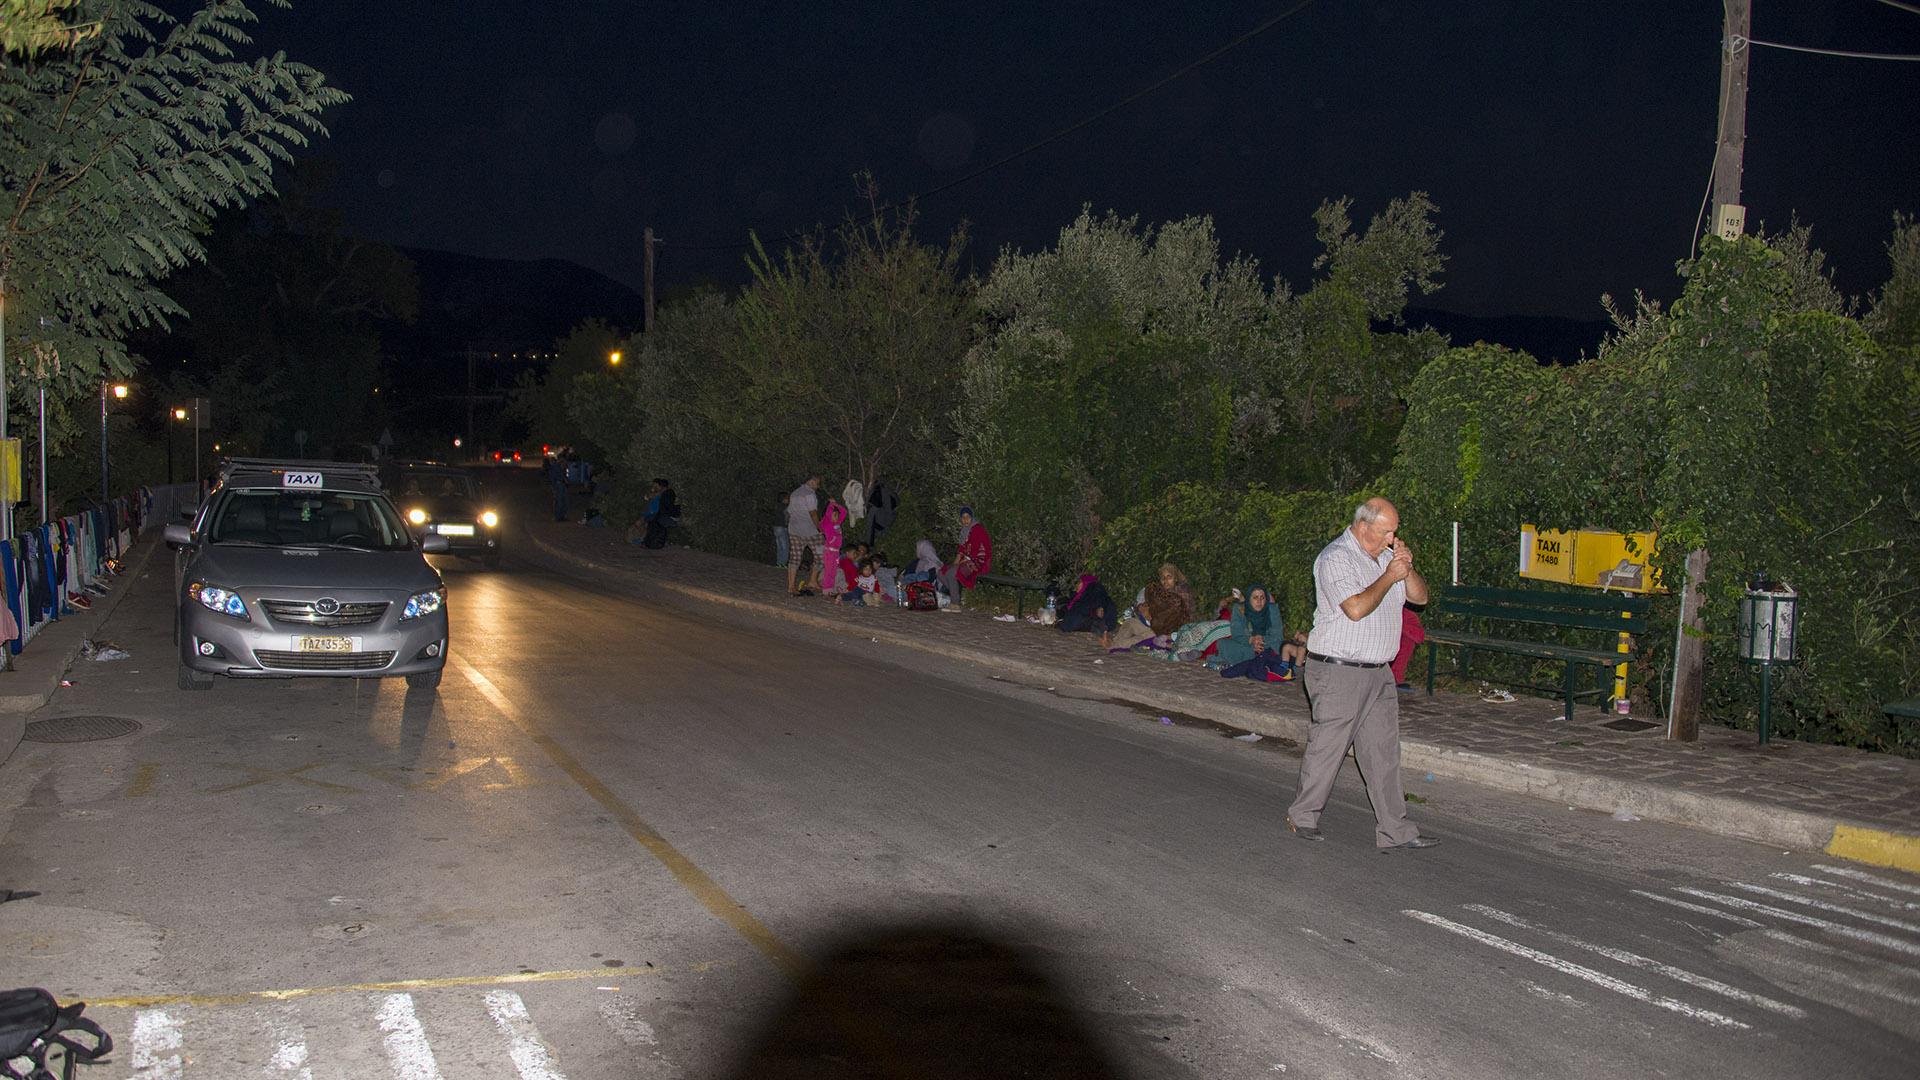 20150912 Lesbos 018